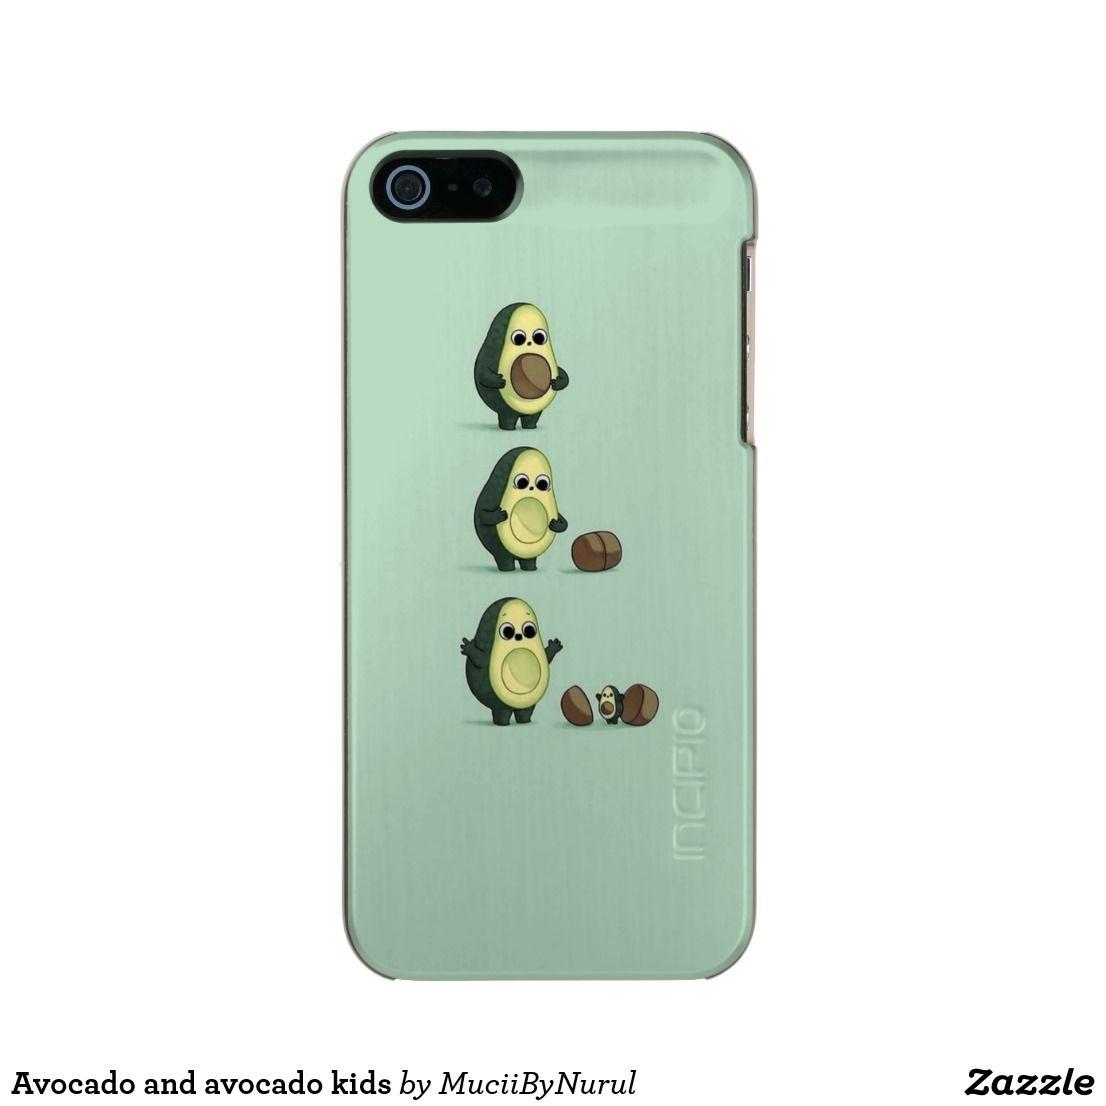 Avocado and avocado kids incipio iphone case